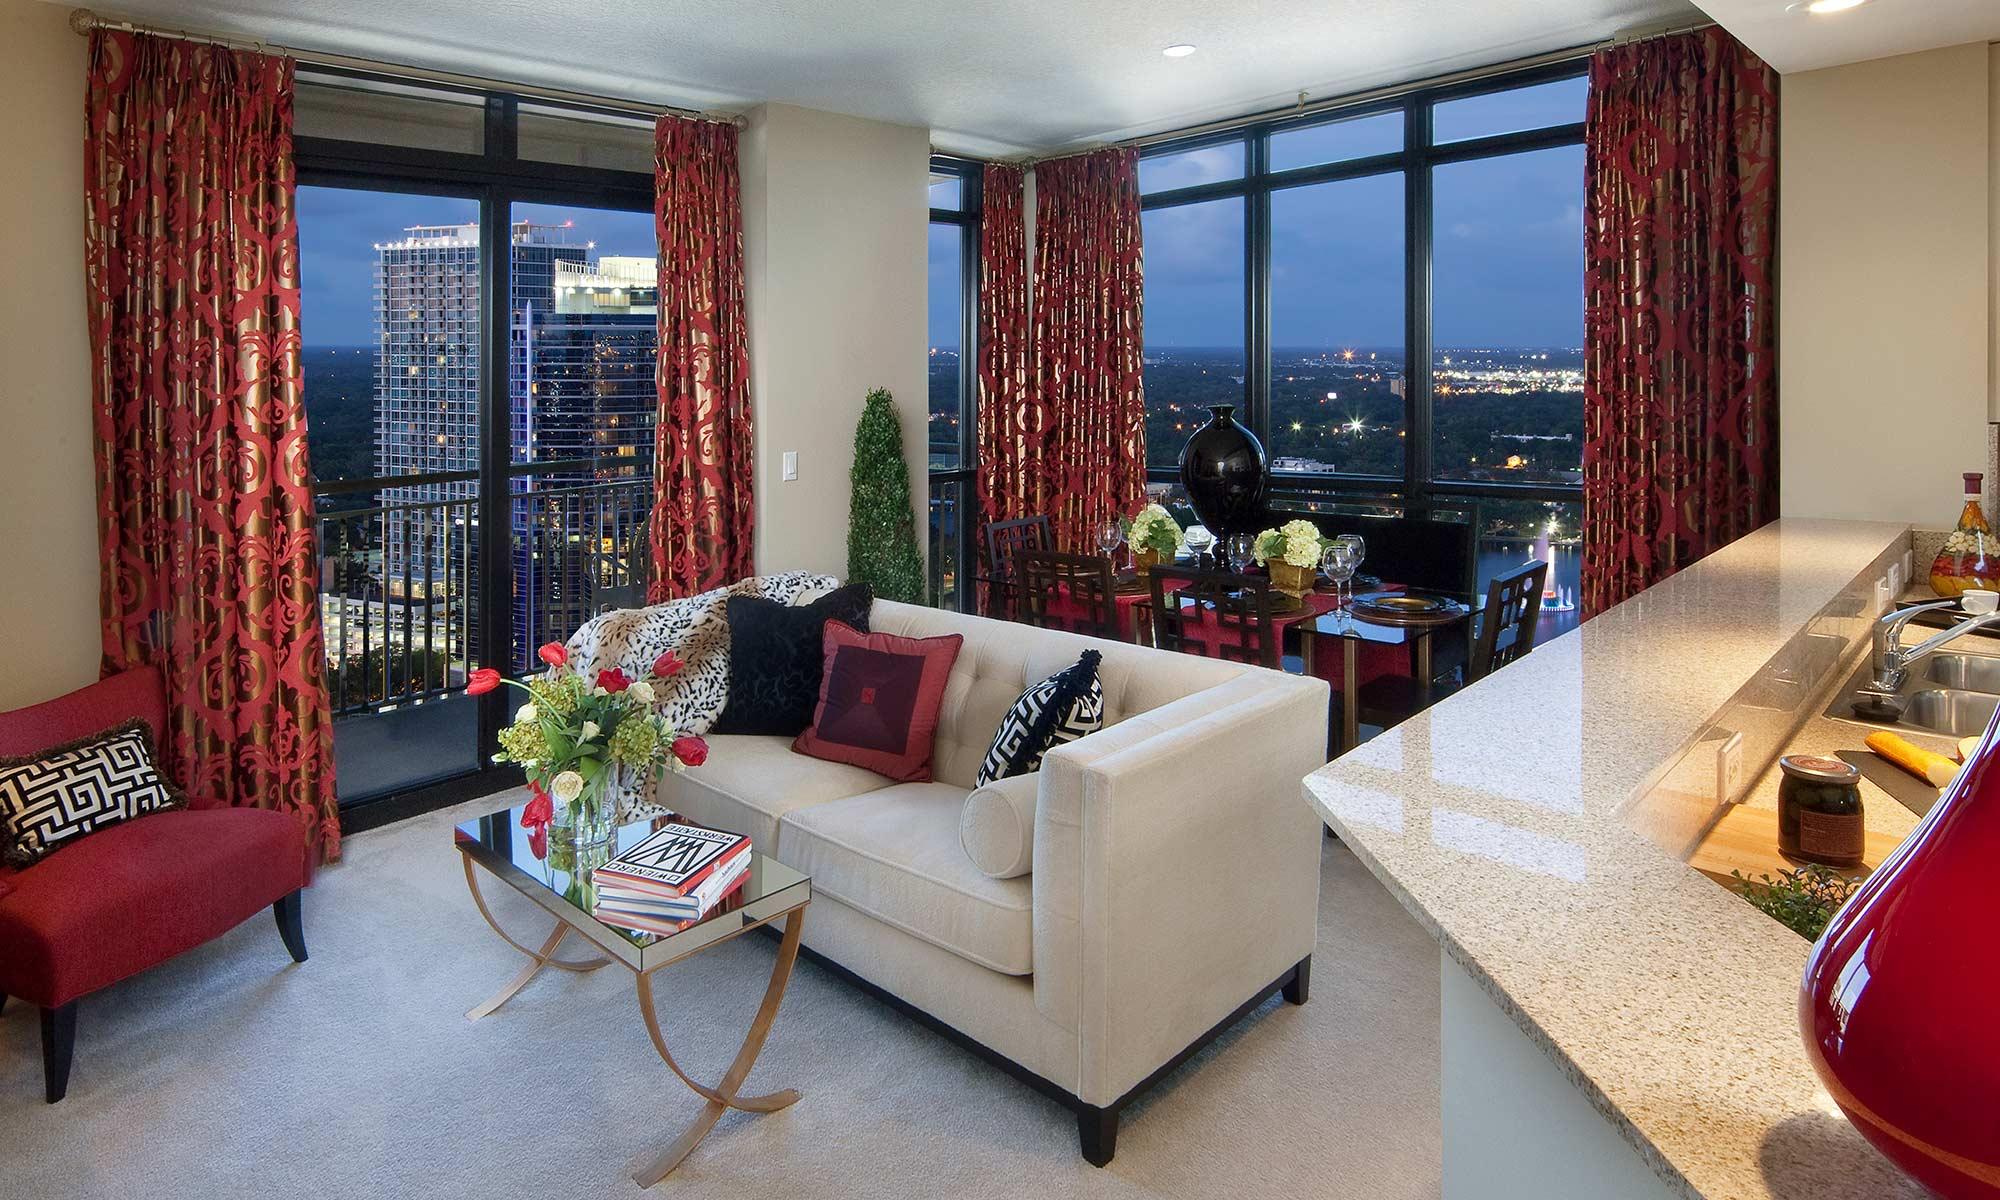 Apartments in Orlando, FL